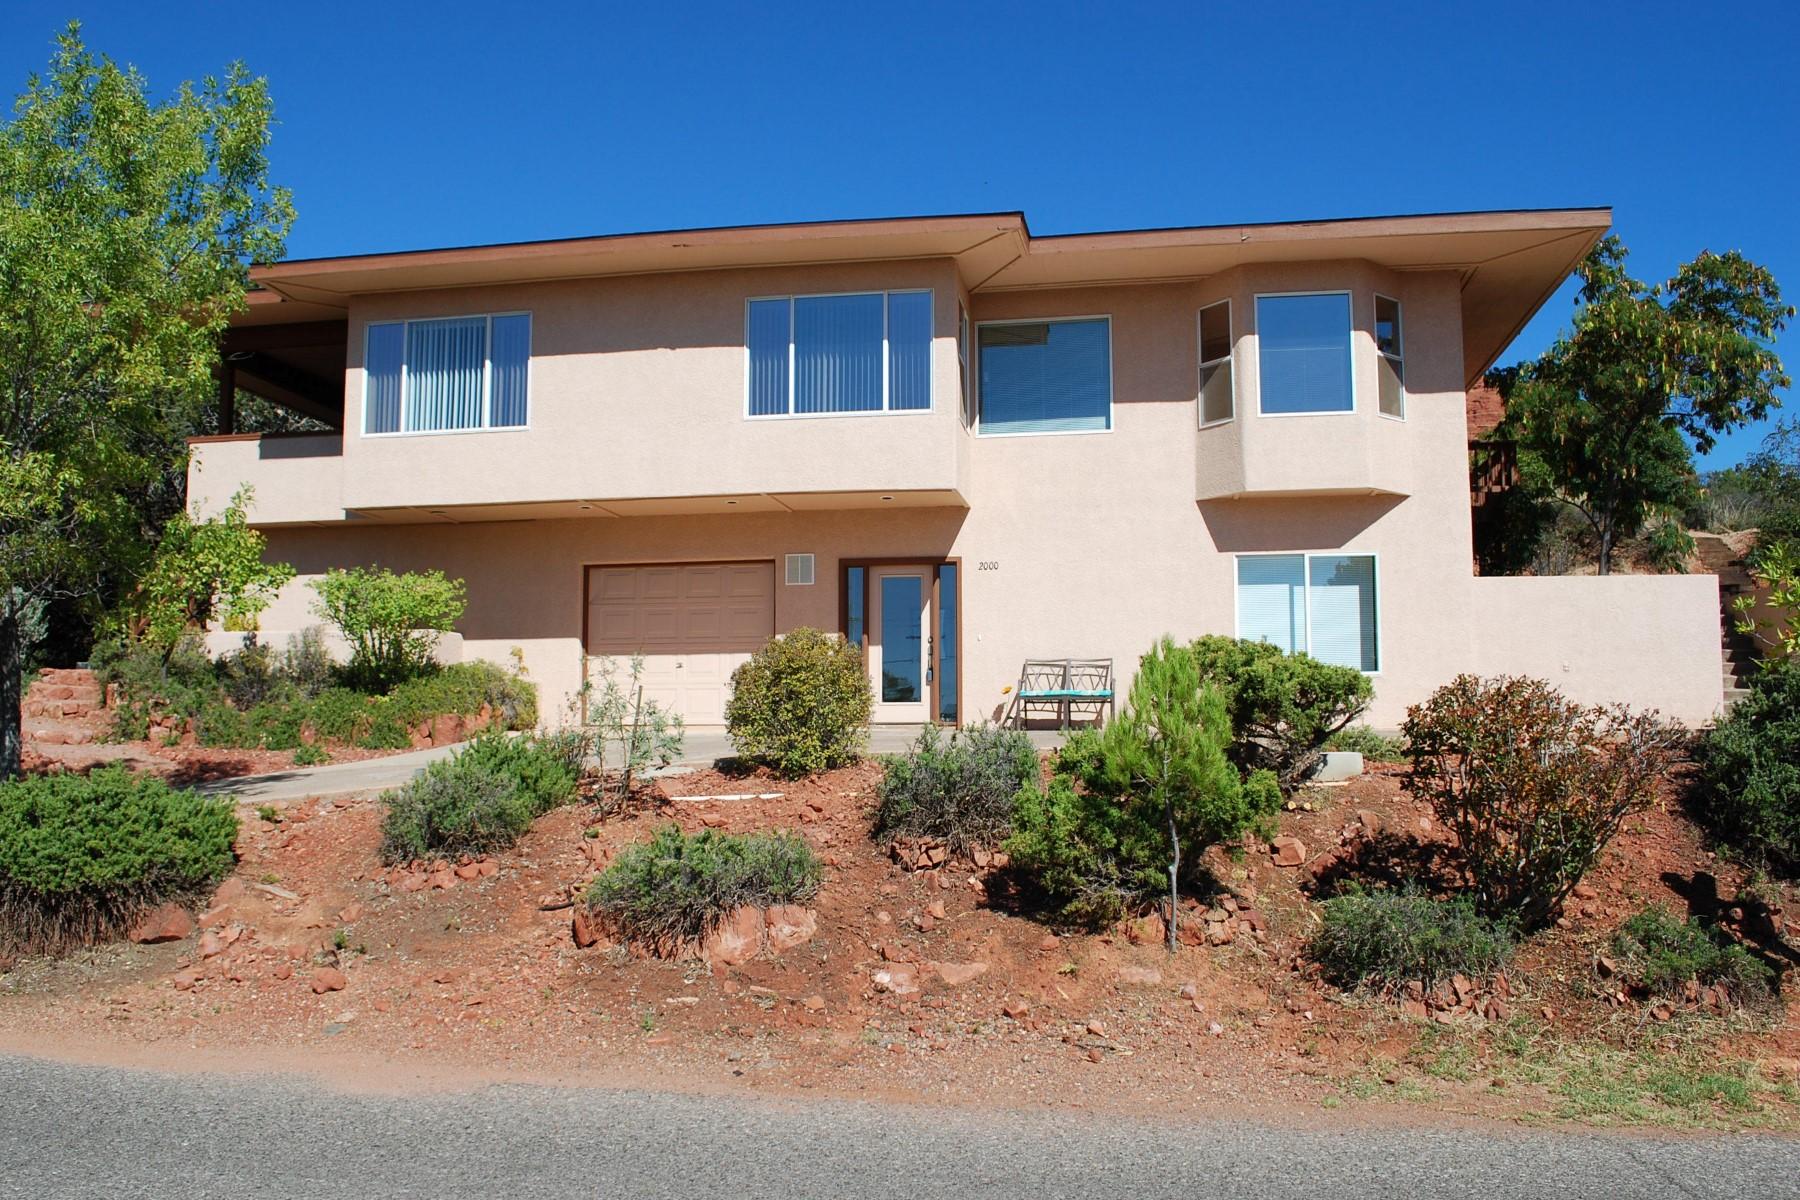 Частный односемейный дом для того Продажа на Transformed home centrally located in West Sedona 2000 Maxwell House Drive Sedona, Аризона 86336 Соединенные Штаты